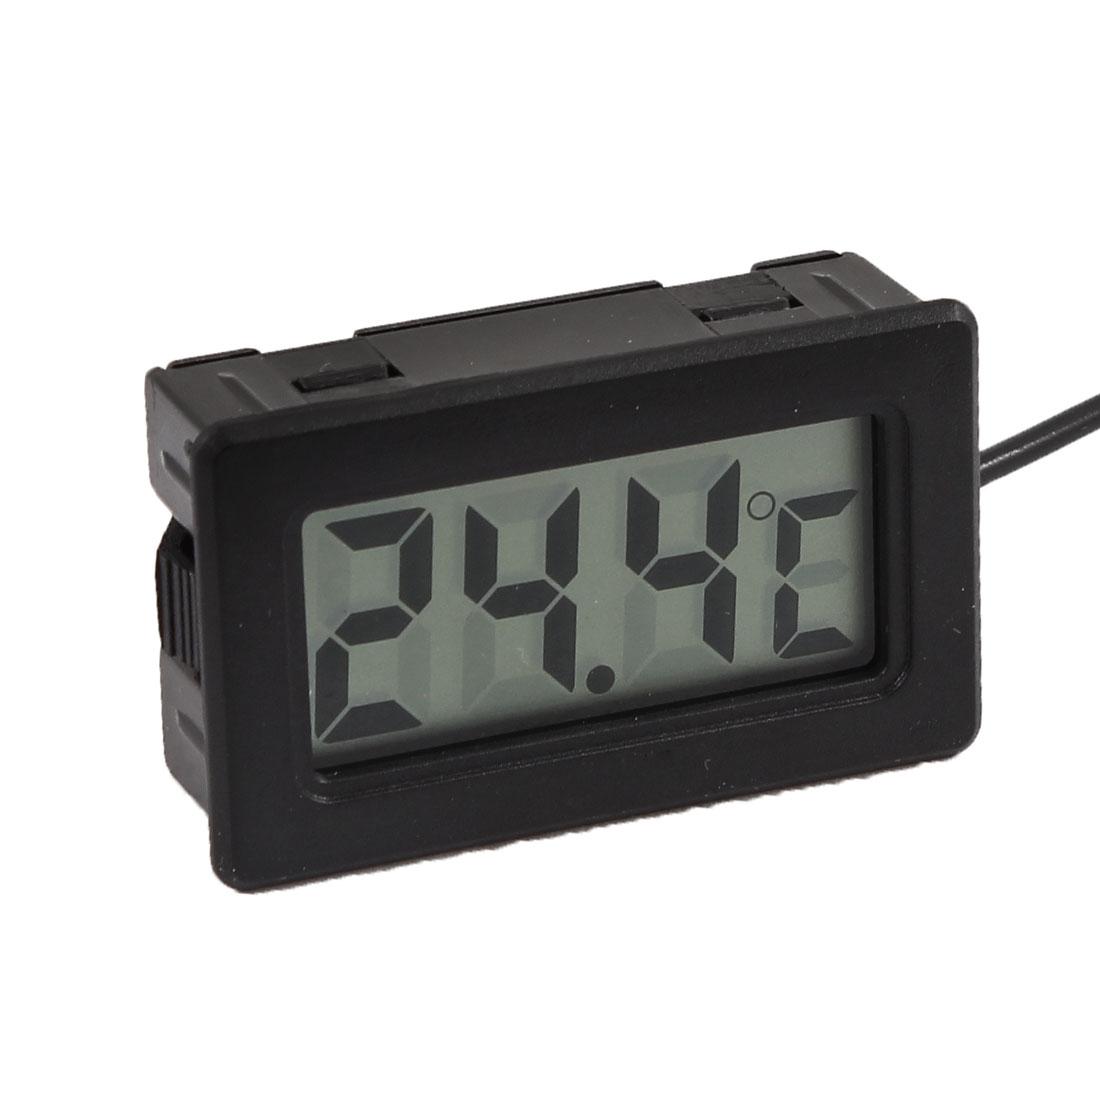 Unique Bargains Freezer -50C to + 70C Temperature Measuring Digital Thermometer